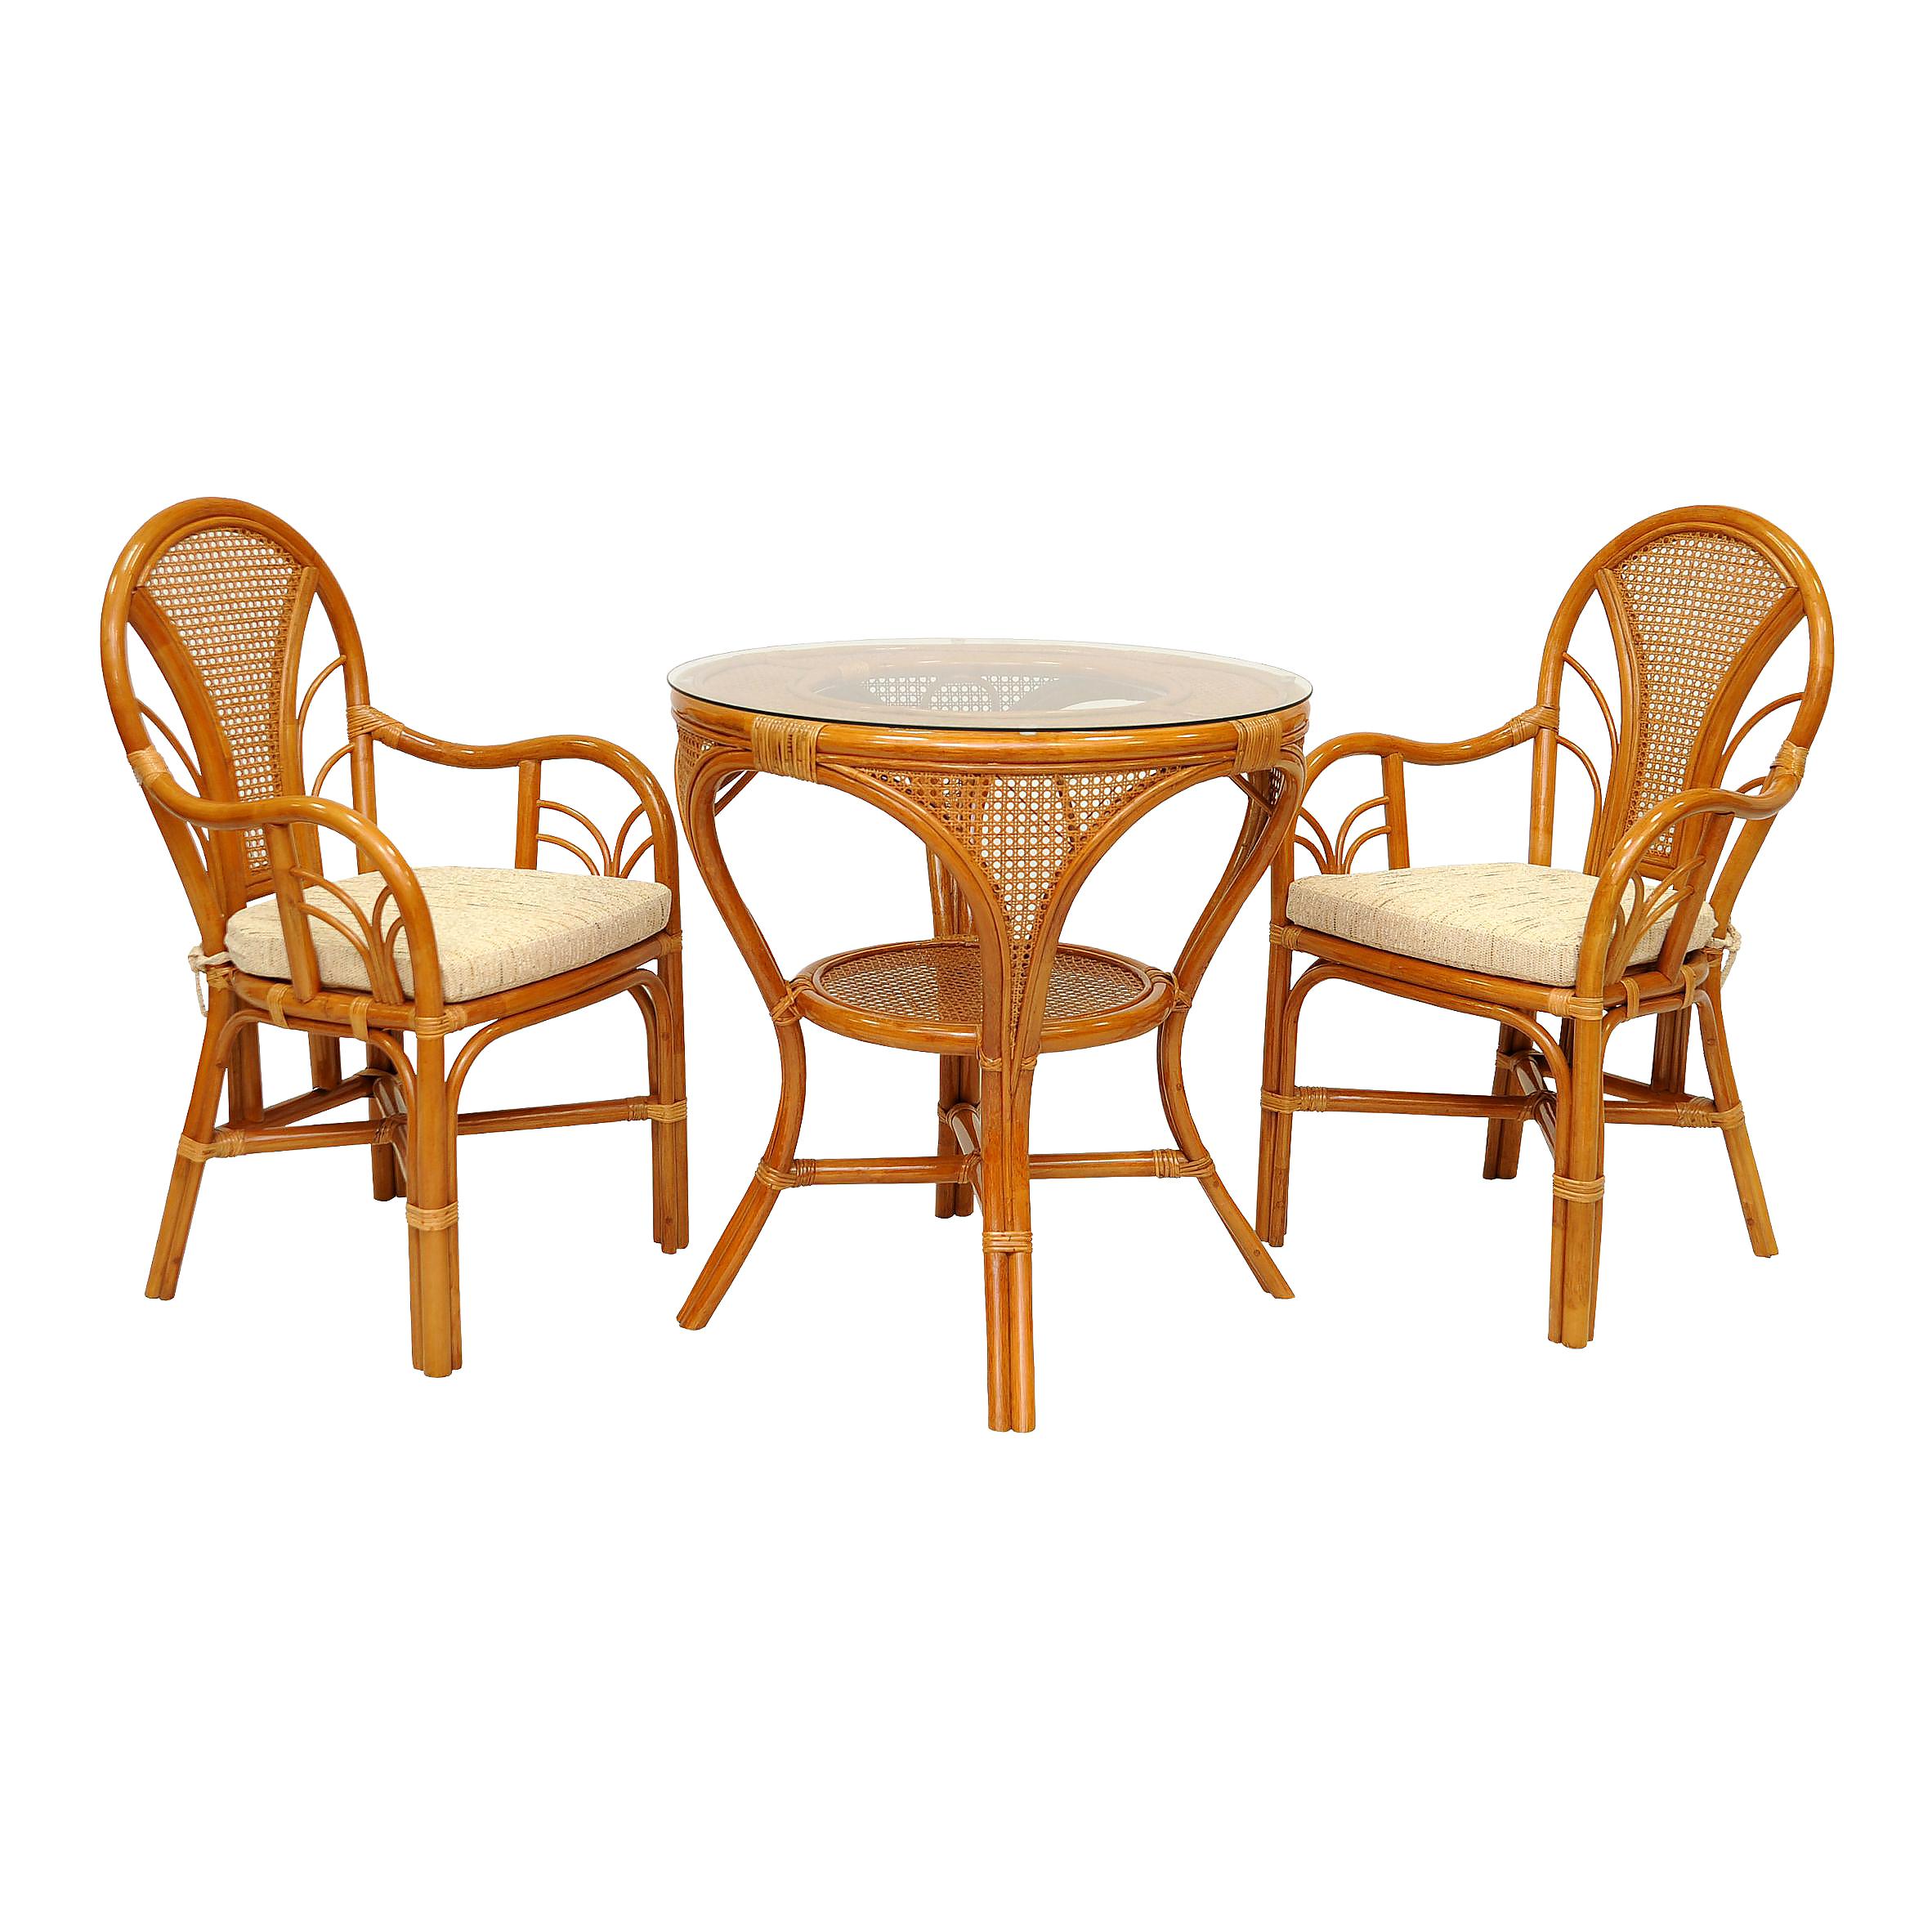 Комплект обеденный LaMokko L ККомплекты уличной мебели<br>Стулья крепкие, удобные, с мягкой подушечкой и при этом легкие и компактные. Стол Мокко - обладает безупречной эстетичностью формы.&amp;amp;nbsp;&amp;lt;span style=&amp;quot;line-height: 24.9999px;&amp;quot;&amp;gt;Этот комплект украсит интерьер любого помещения, будь то терраса загородного дома, веранда, лоджия или кухня.&amp;amp;nbsp;&amp;lt;/span&amp;gt;В комплект входят два стула, мягкие подушки (на сидение), столик со стеклом (на присосках).&amp;lt;div&amp;gt;&amp;lt;span style=&amp;quot;line-height: 1.78571;&amp;quot;&amp;gt;&amp;lt;br&amp;gt;&amp;lt;/span&amp;gt;&amp;lt;/div&amp;gt;&amp;lt;div&amp;gt;&amp;lt;span style=&amp;quot;line-height: 1.78571;&amp;quot;&amp;gt;Материал каркаса:  натуральный ротанг&amp;lt;/span&amp;gt;&amp;lt;/div&amp;gt;&amp;lt;div&amp;gt;&amp;lt;span style=&amp;quot;line-height: 1.78571;&amp;quot;&amp;gt;Цвет:  коньячный&amp;lt;/span&amp;gt;&amp;lt;/div&amp;gt;&amp;lt;div&amp;gt;&amp;lt;span style=&amp;quot;line-height: 1.78571;&amp;quot;&amp;gt;Мягкая обивка/подушка:  ткань рогожка&amp;lt;/span&amp;gt;&amp;lt;/div&amp;gt;&amp;lt;div&amp;gt;&amp;lt;span style=&amp;quot;line-height: 1.78571;&amp;quot;&amp;gt;Размер: столик со стеклом 74х74х78 см,                 кресло 96х59х55 см&amp;lt;/span&amp;gt;&amp;lt;/div&amp;gt;&amp;lt;div&amp;gt;&amp;lt;span style=&amp;quot;line-height: 1.78571;&amp;quot;&amp;gt;Выдерживаемая нагрузка, кг:  90&amp;lt;/span&amp;gt;&amp;lt;/div&amp;gt;&amp;lt;div&amp;gt;&amp;lt;br&amp;gt;&amp;lt;/div&amp;gt;<br><br>Material: Ротанг<br>Ширина см: 59<br>Высота см: 96<br>Глубина см: 55